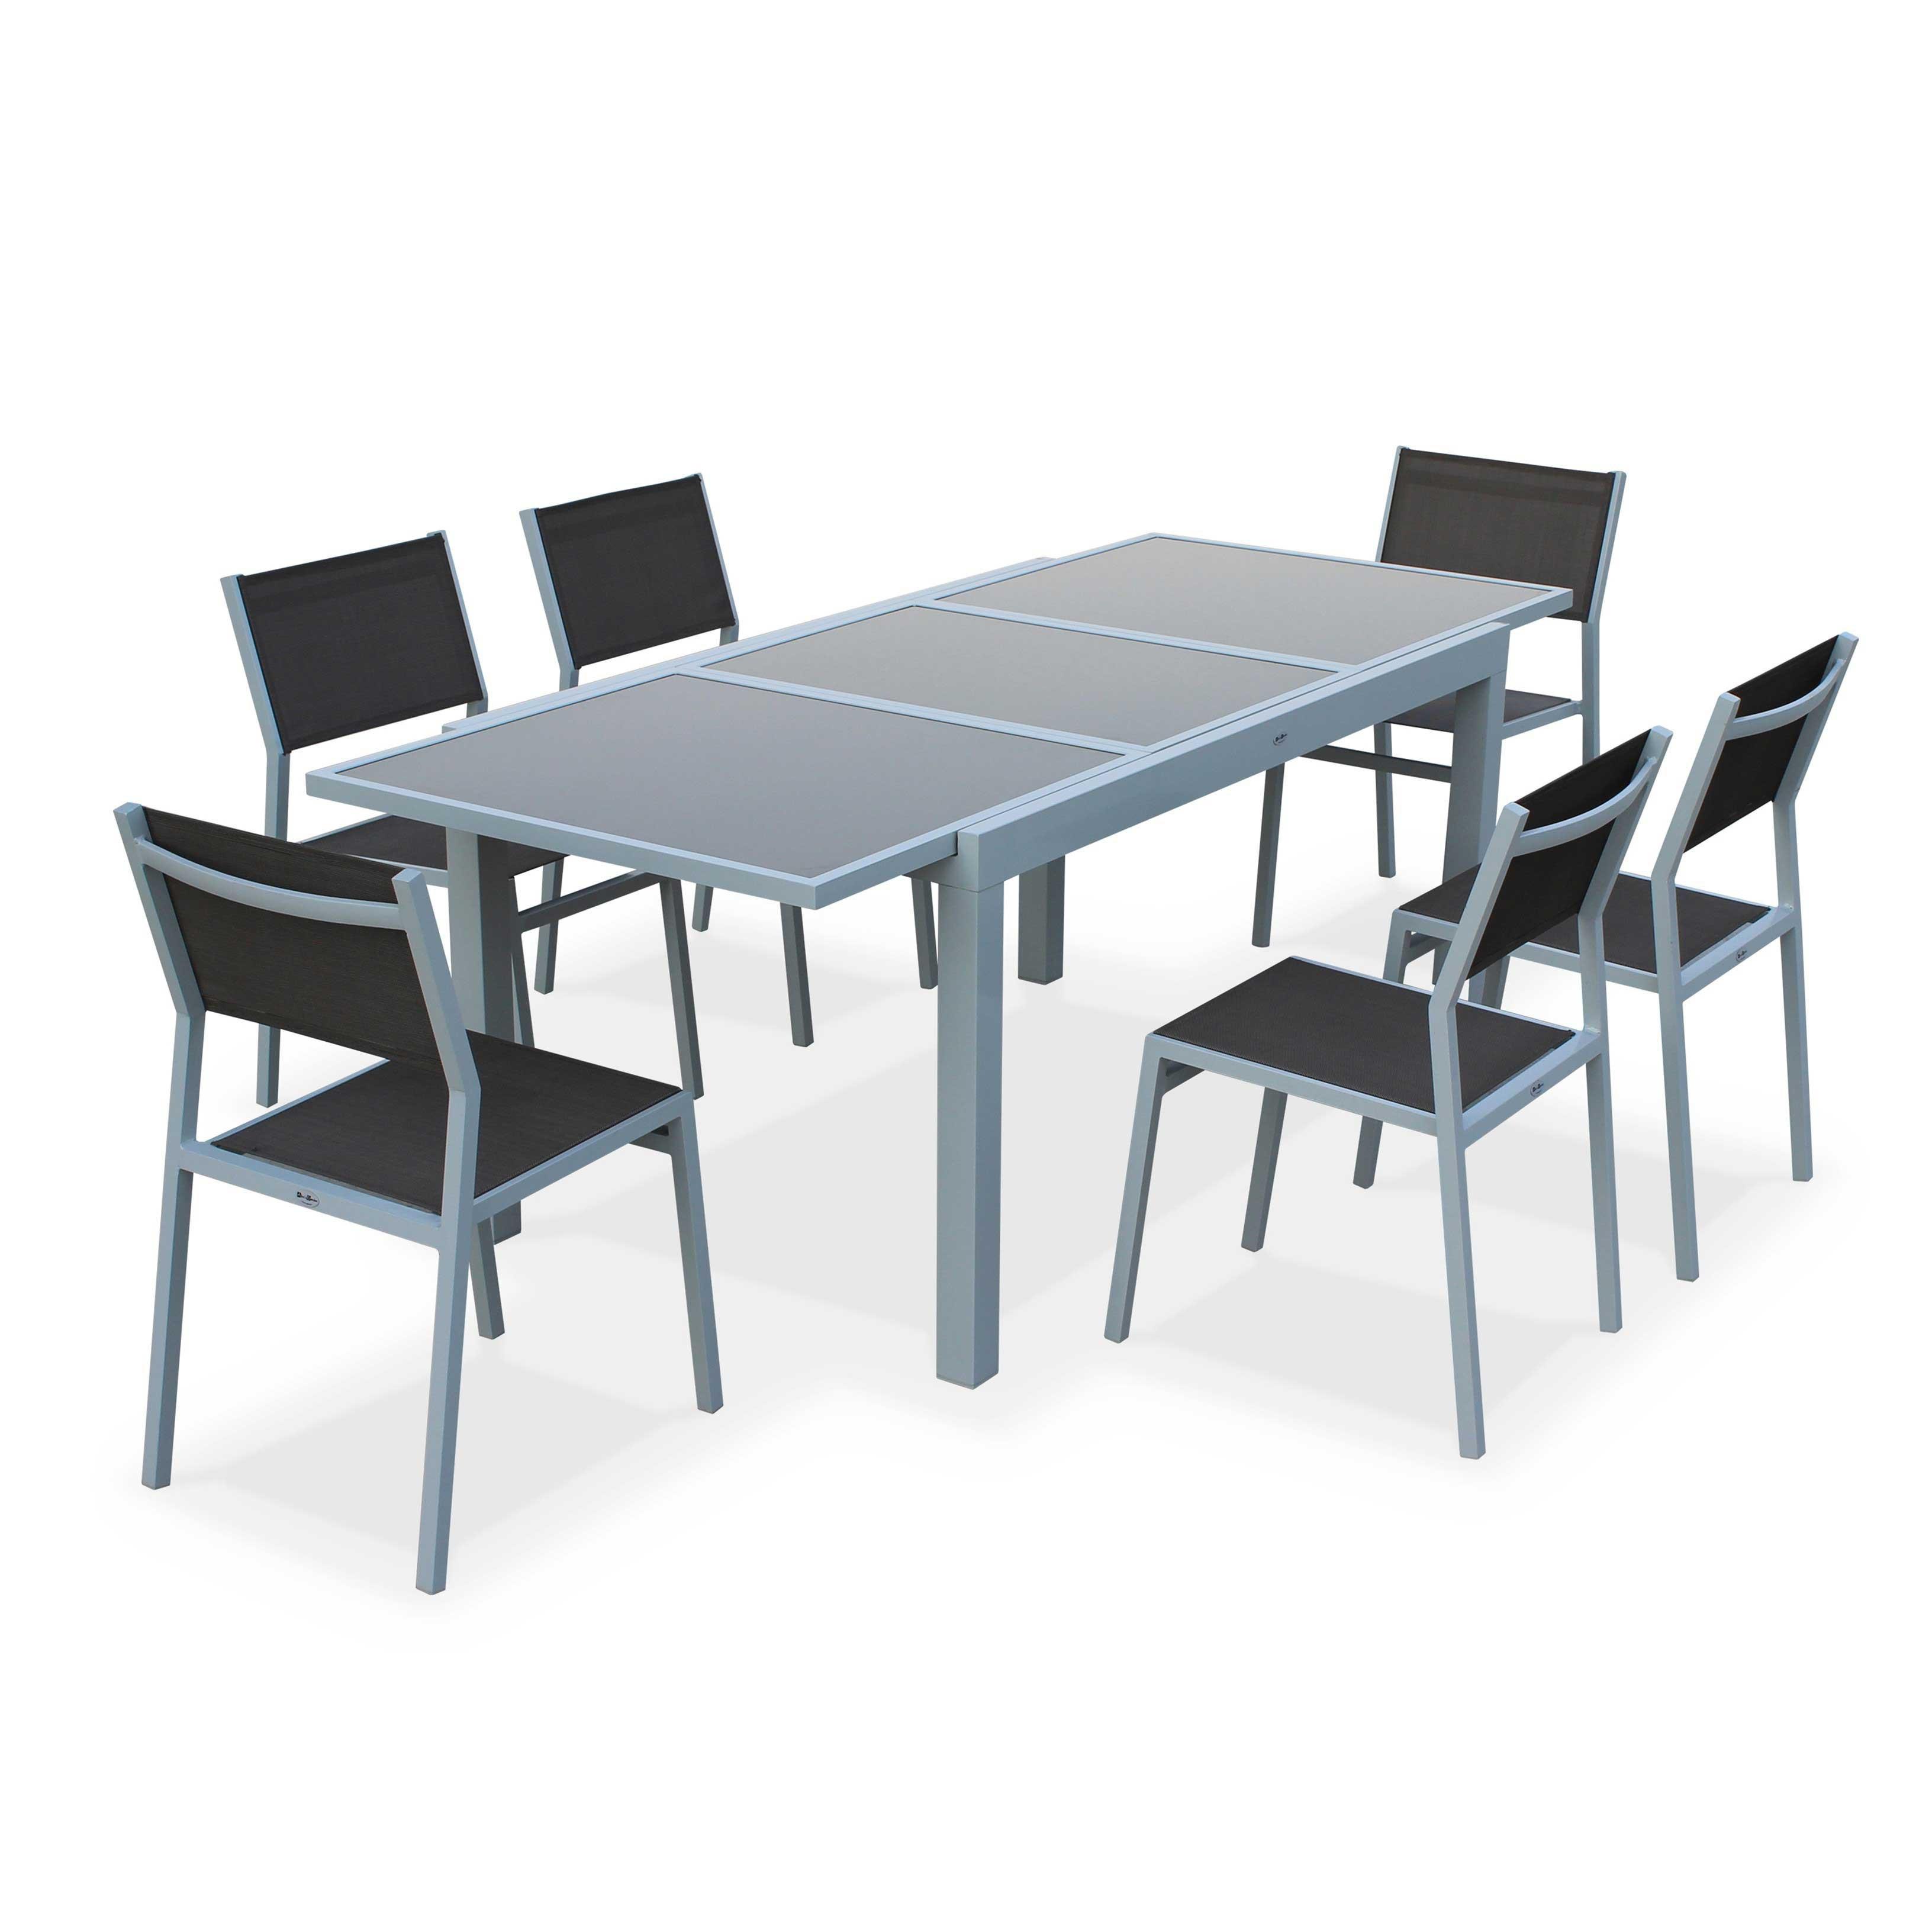 Table Pliante Leclerc Inspirant Collection Leclerc Mobilier De Jardin Plus Cool Moderne Les 28 Unique Table